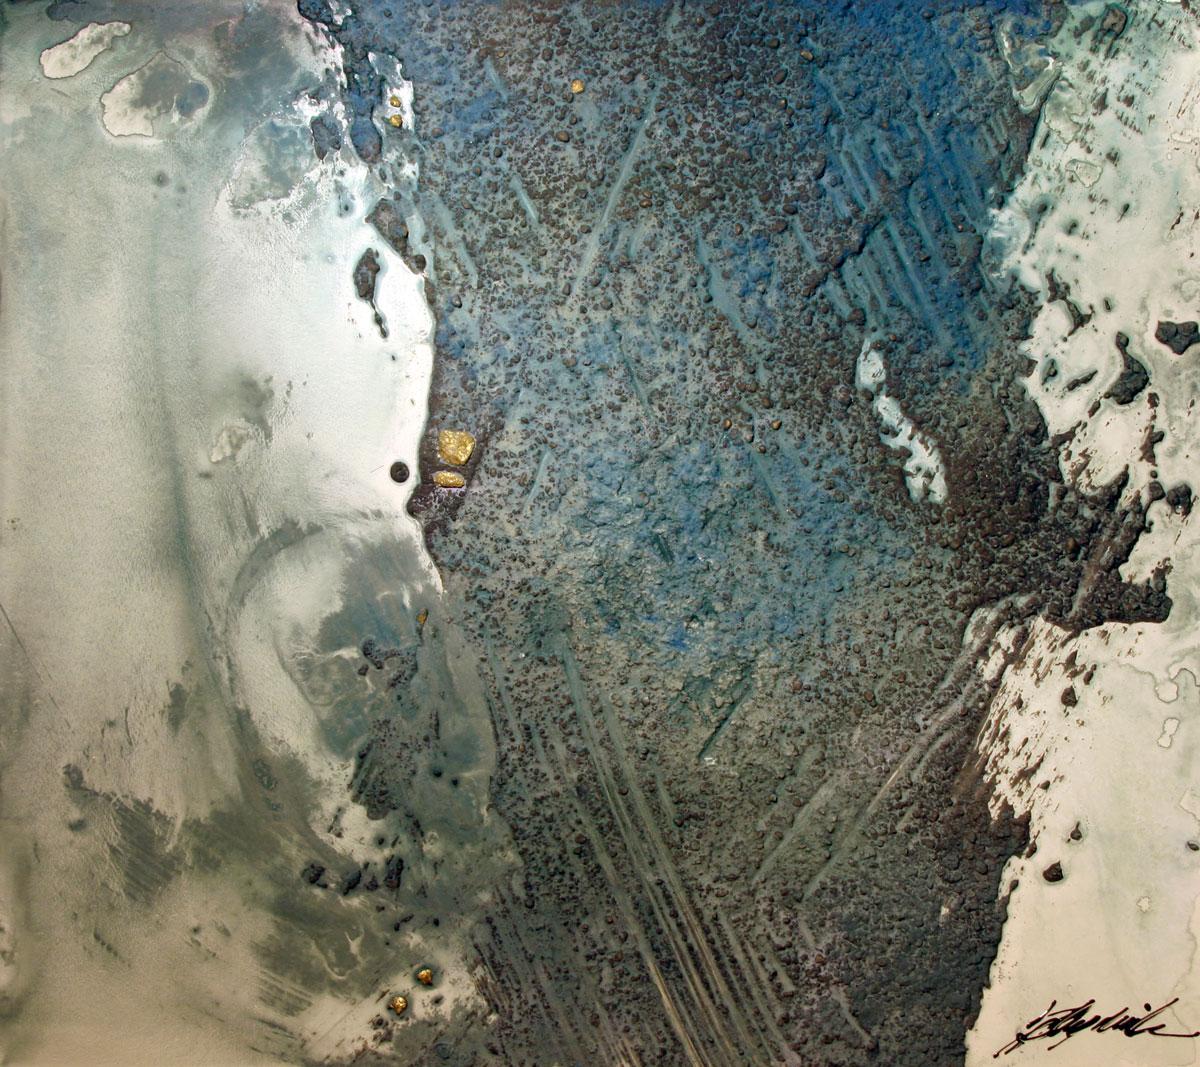 2008-pintura-inicio2-hector-puertolas